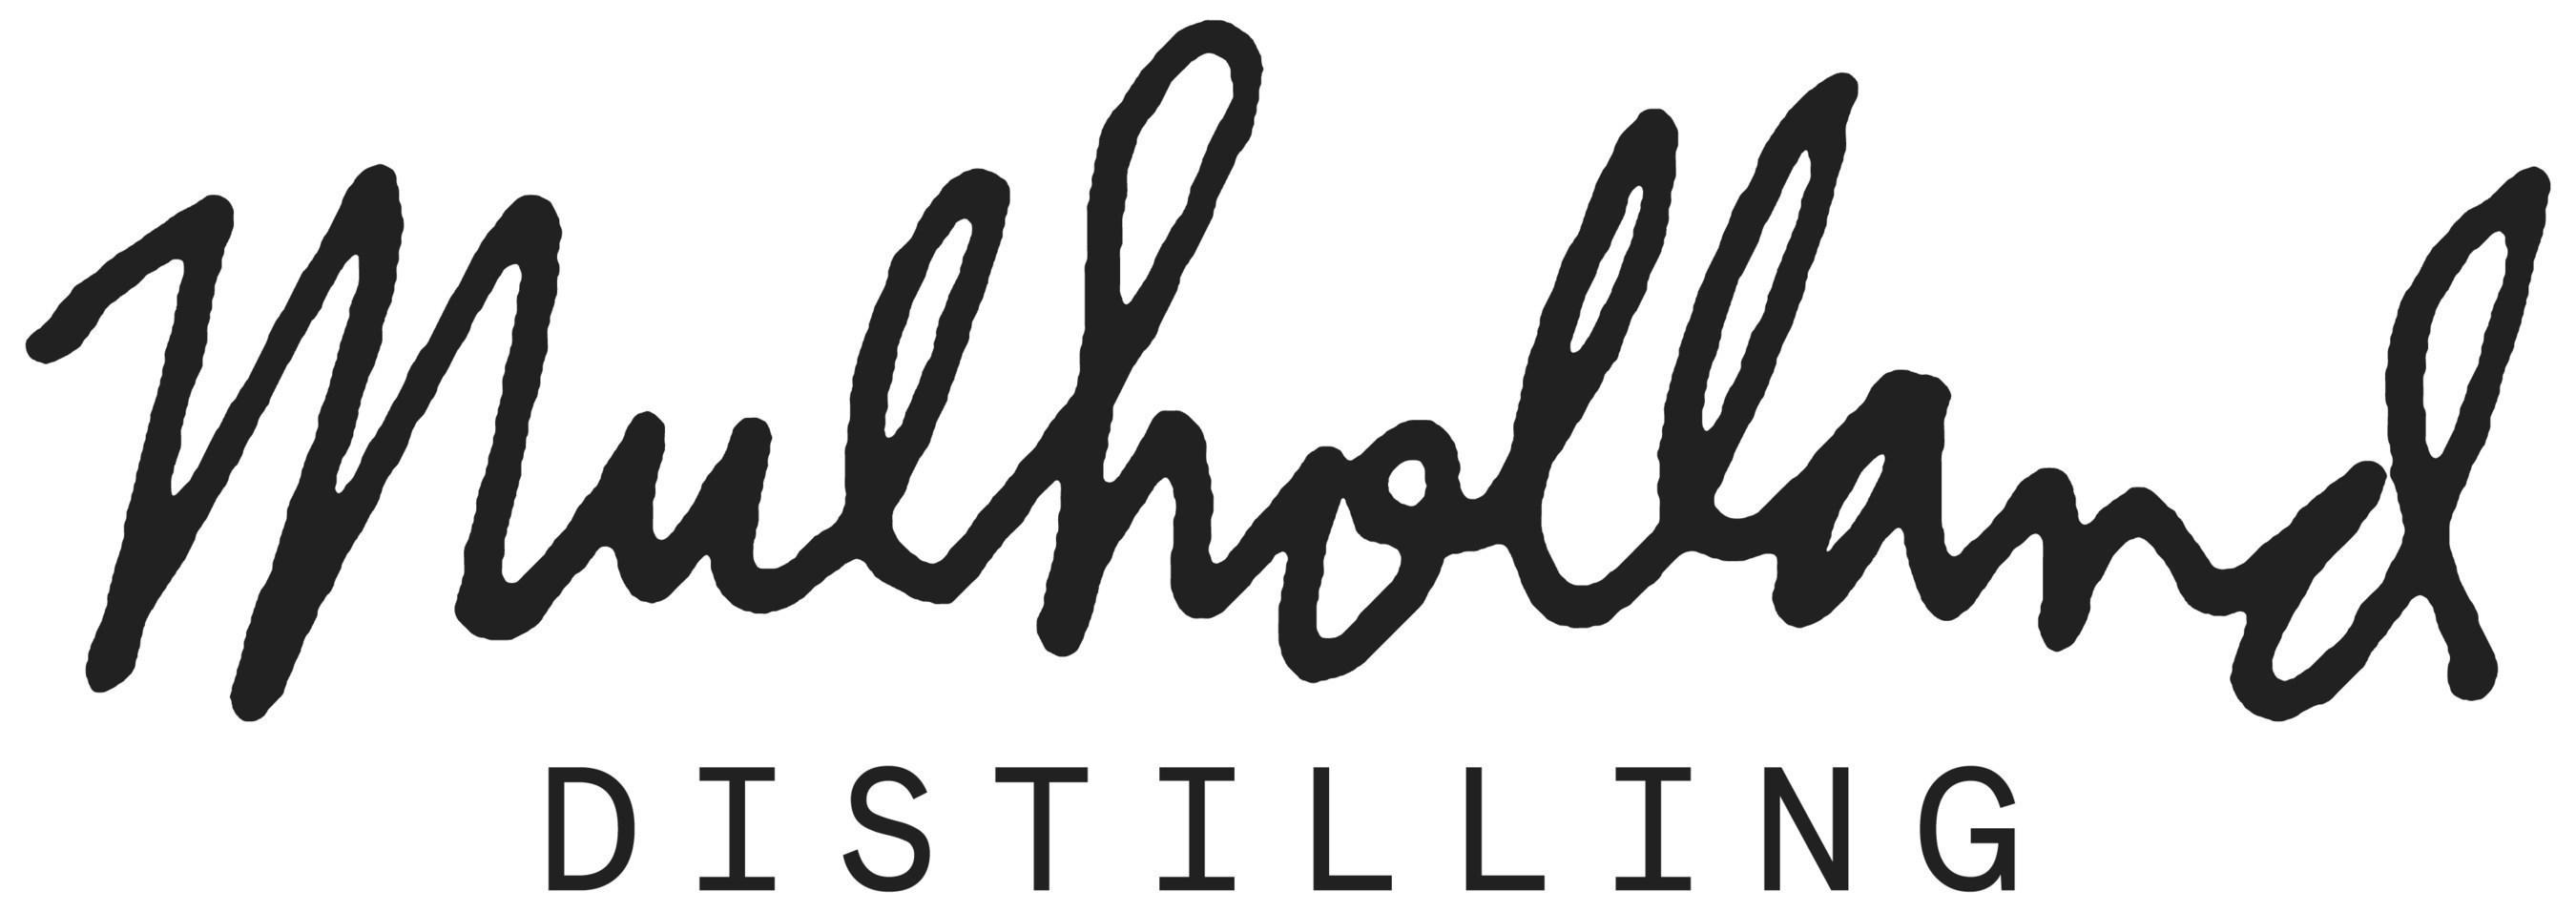 Image result for mulholland distilling logo